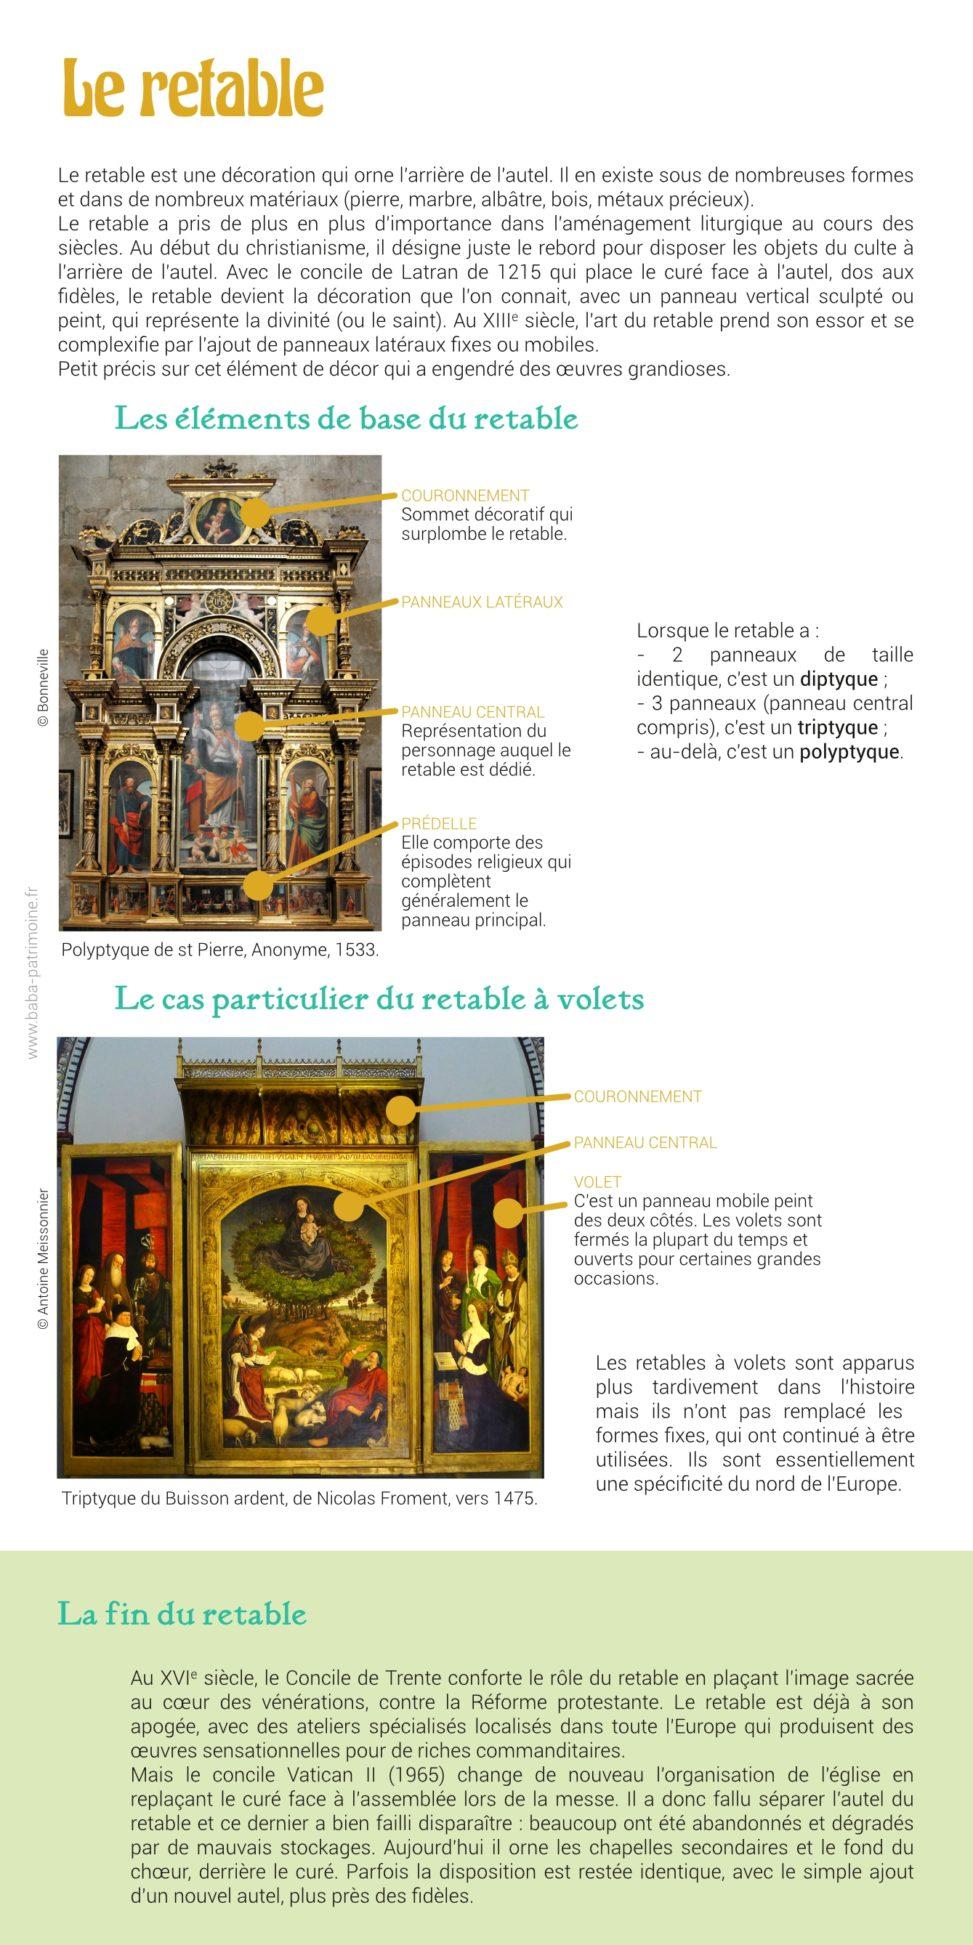 Fiche sur le retable illustrée de photos. Le retable est une décoration qui orne l'arrière de l'autel. Il en existe sous de nombreuses formes et dans de nombreux matériaux (pierre, marbre, albâtre, bois, métaux précieux). Le retable a pris de plus en plus d'importance dans l'aménagement liturgique au cours des siècles. Au début du christianisme, il sert principalement à disposer les objets du culte derrière l'autel. Il devient ensuite une véritable décoration avec un panneau vertical sculpté ou peint, qui prend le rôle de représentation de la divinité (ou du saint). Au XIIIe siècle, l'art du retable prend son essor et se complexifie avec notamment l'apparition des panneaux mobiles_: les volets. Petit précis sur cet élément de décor qui a engendré des œuvres grandioses.